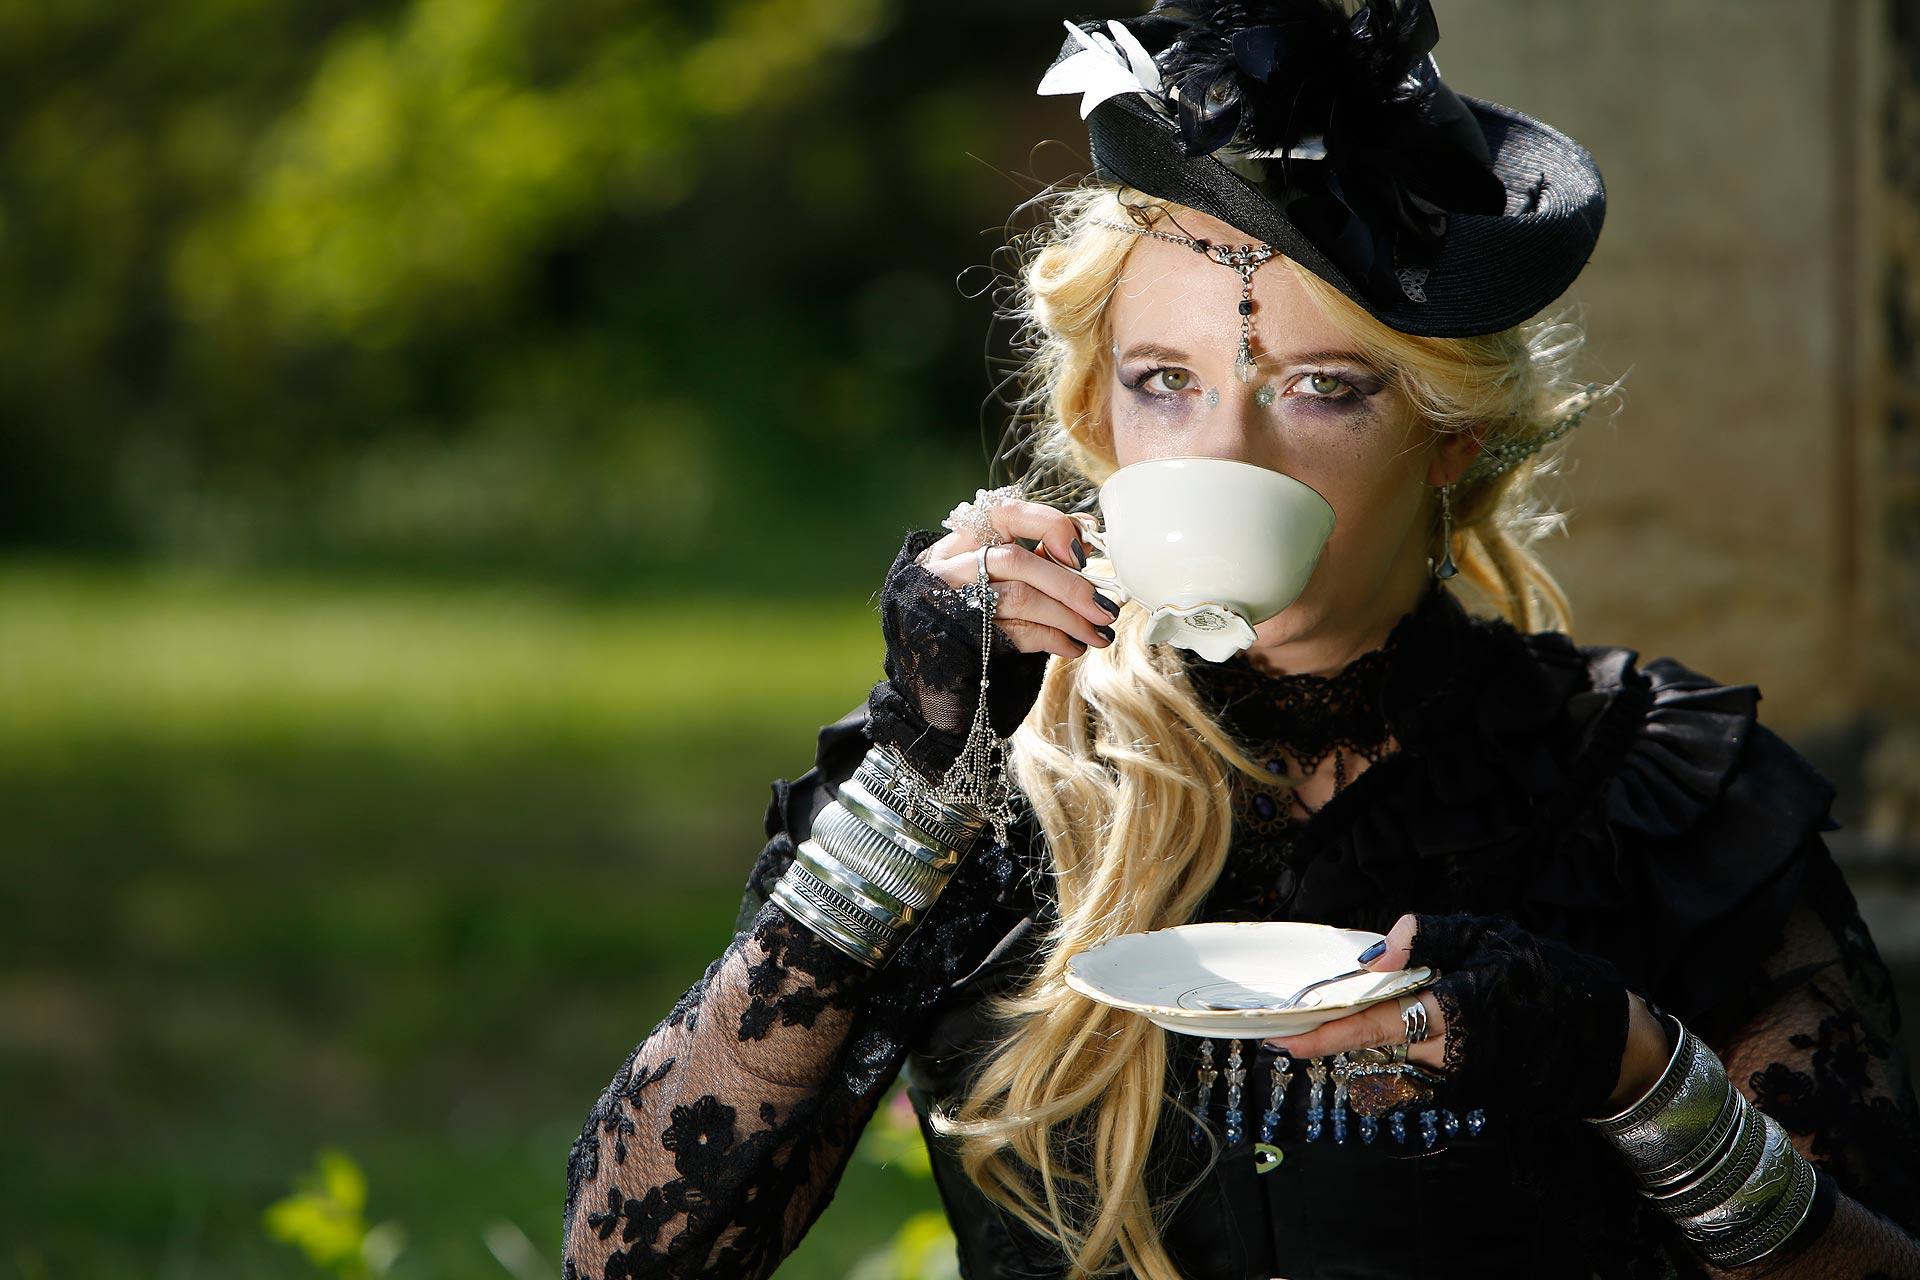 Tässchen Kaffee gefällig? Sommer beim Picknick auf dem Alten Johannisfriedhof.